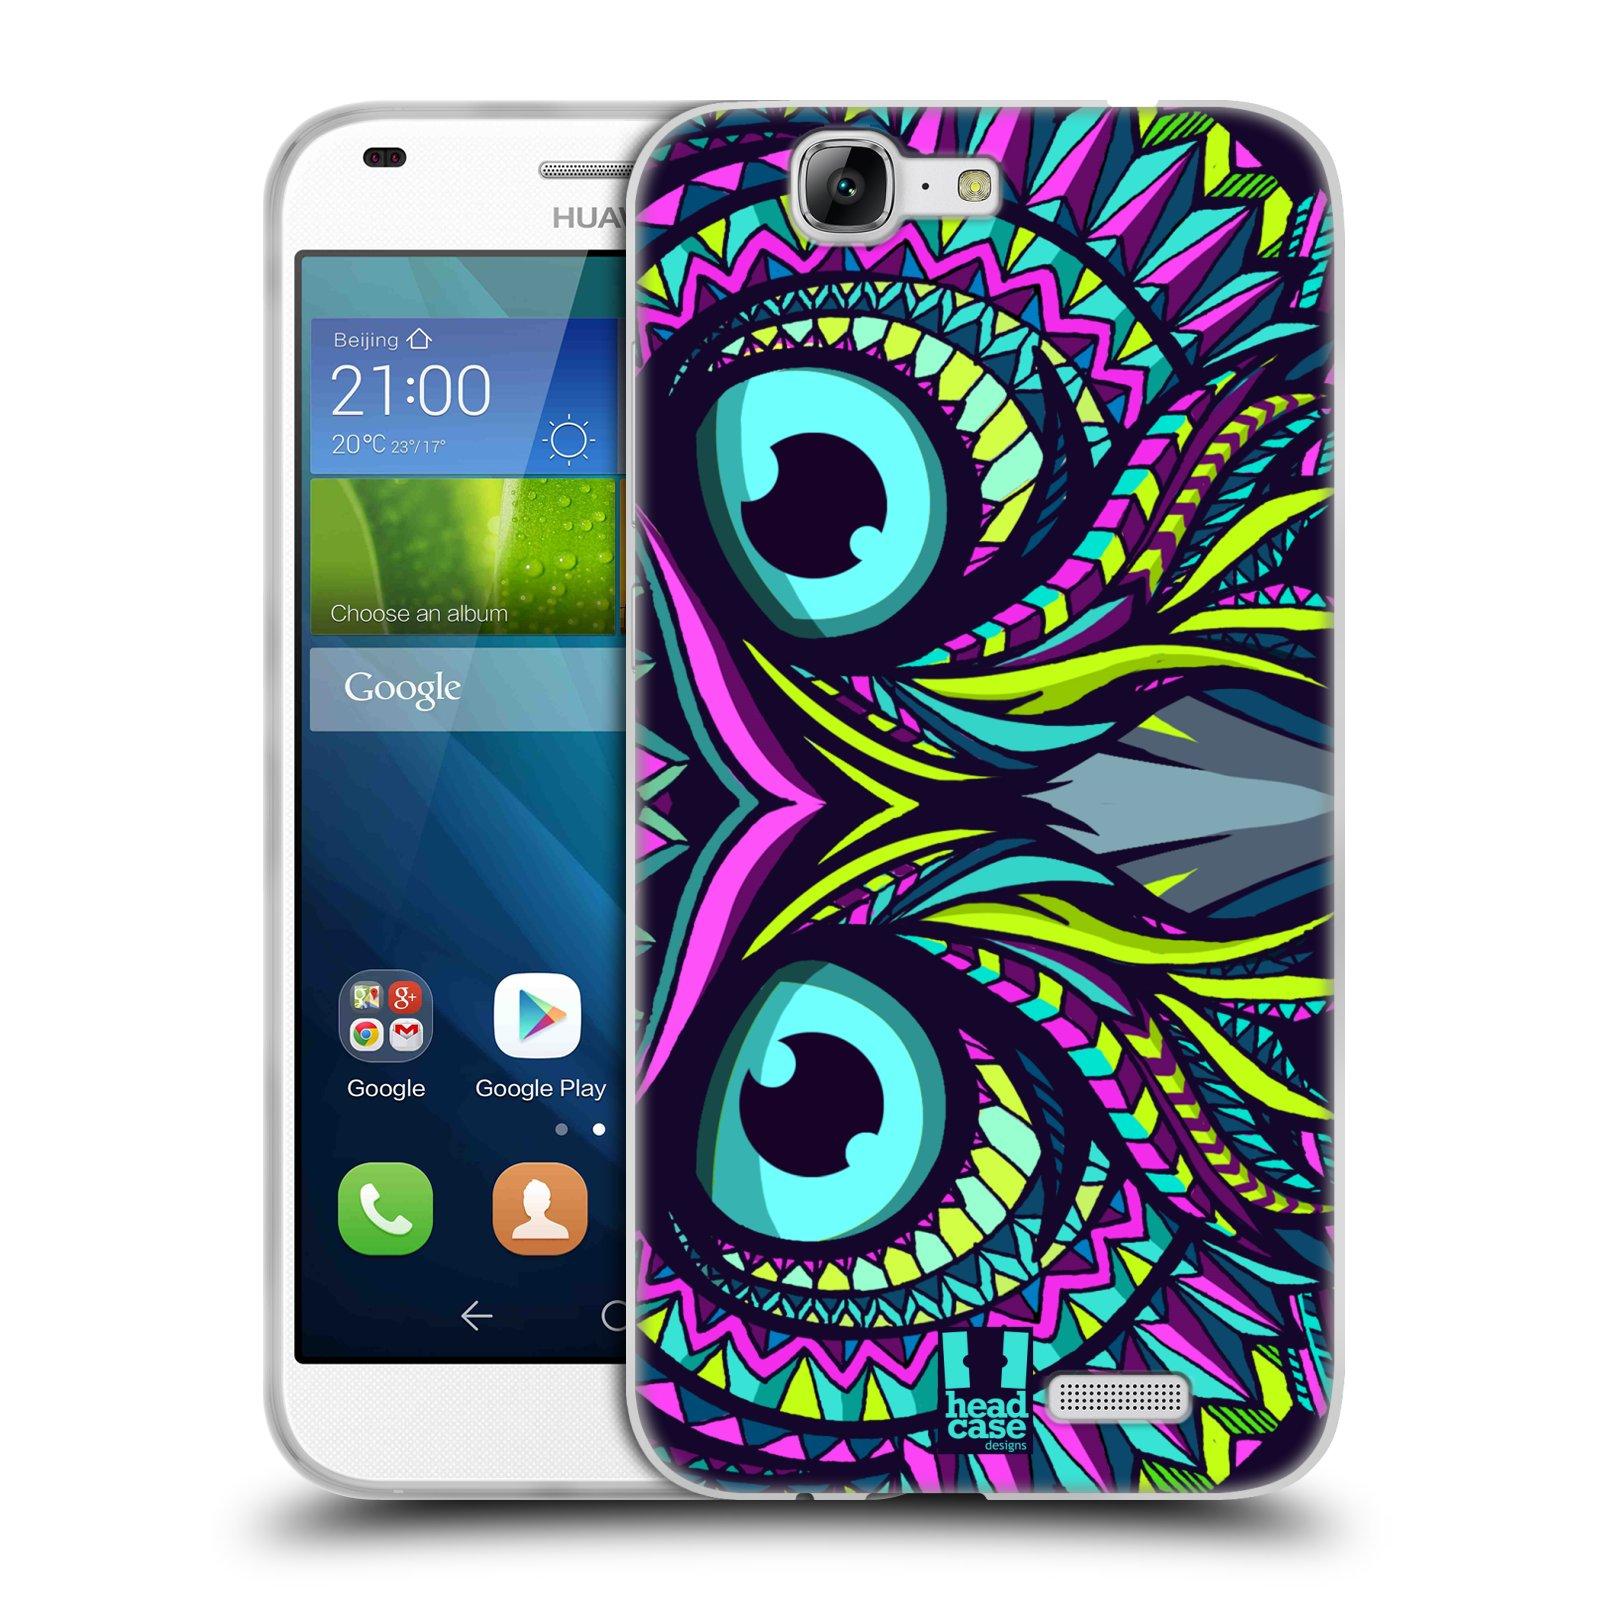 Silikonové pouzdro na mobil Huawei Ascend G7 HEAD CASE AZTEC SOVA